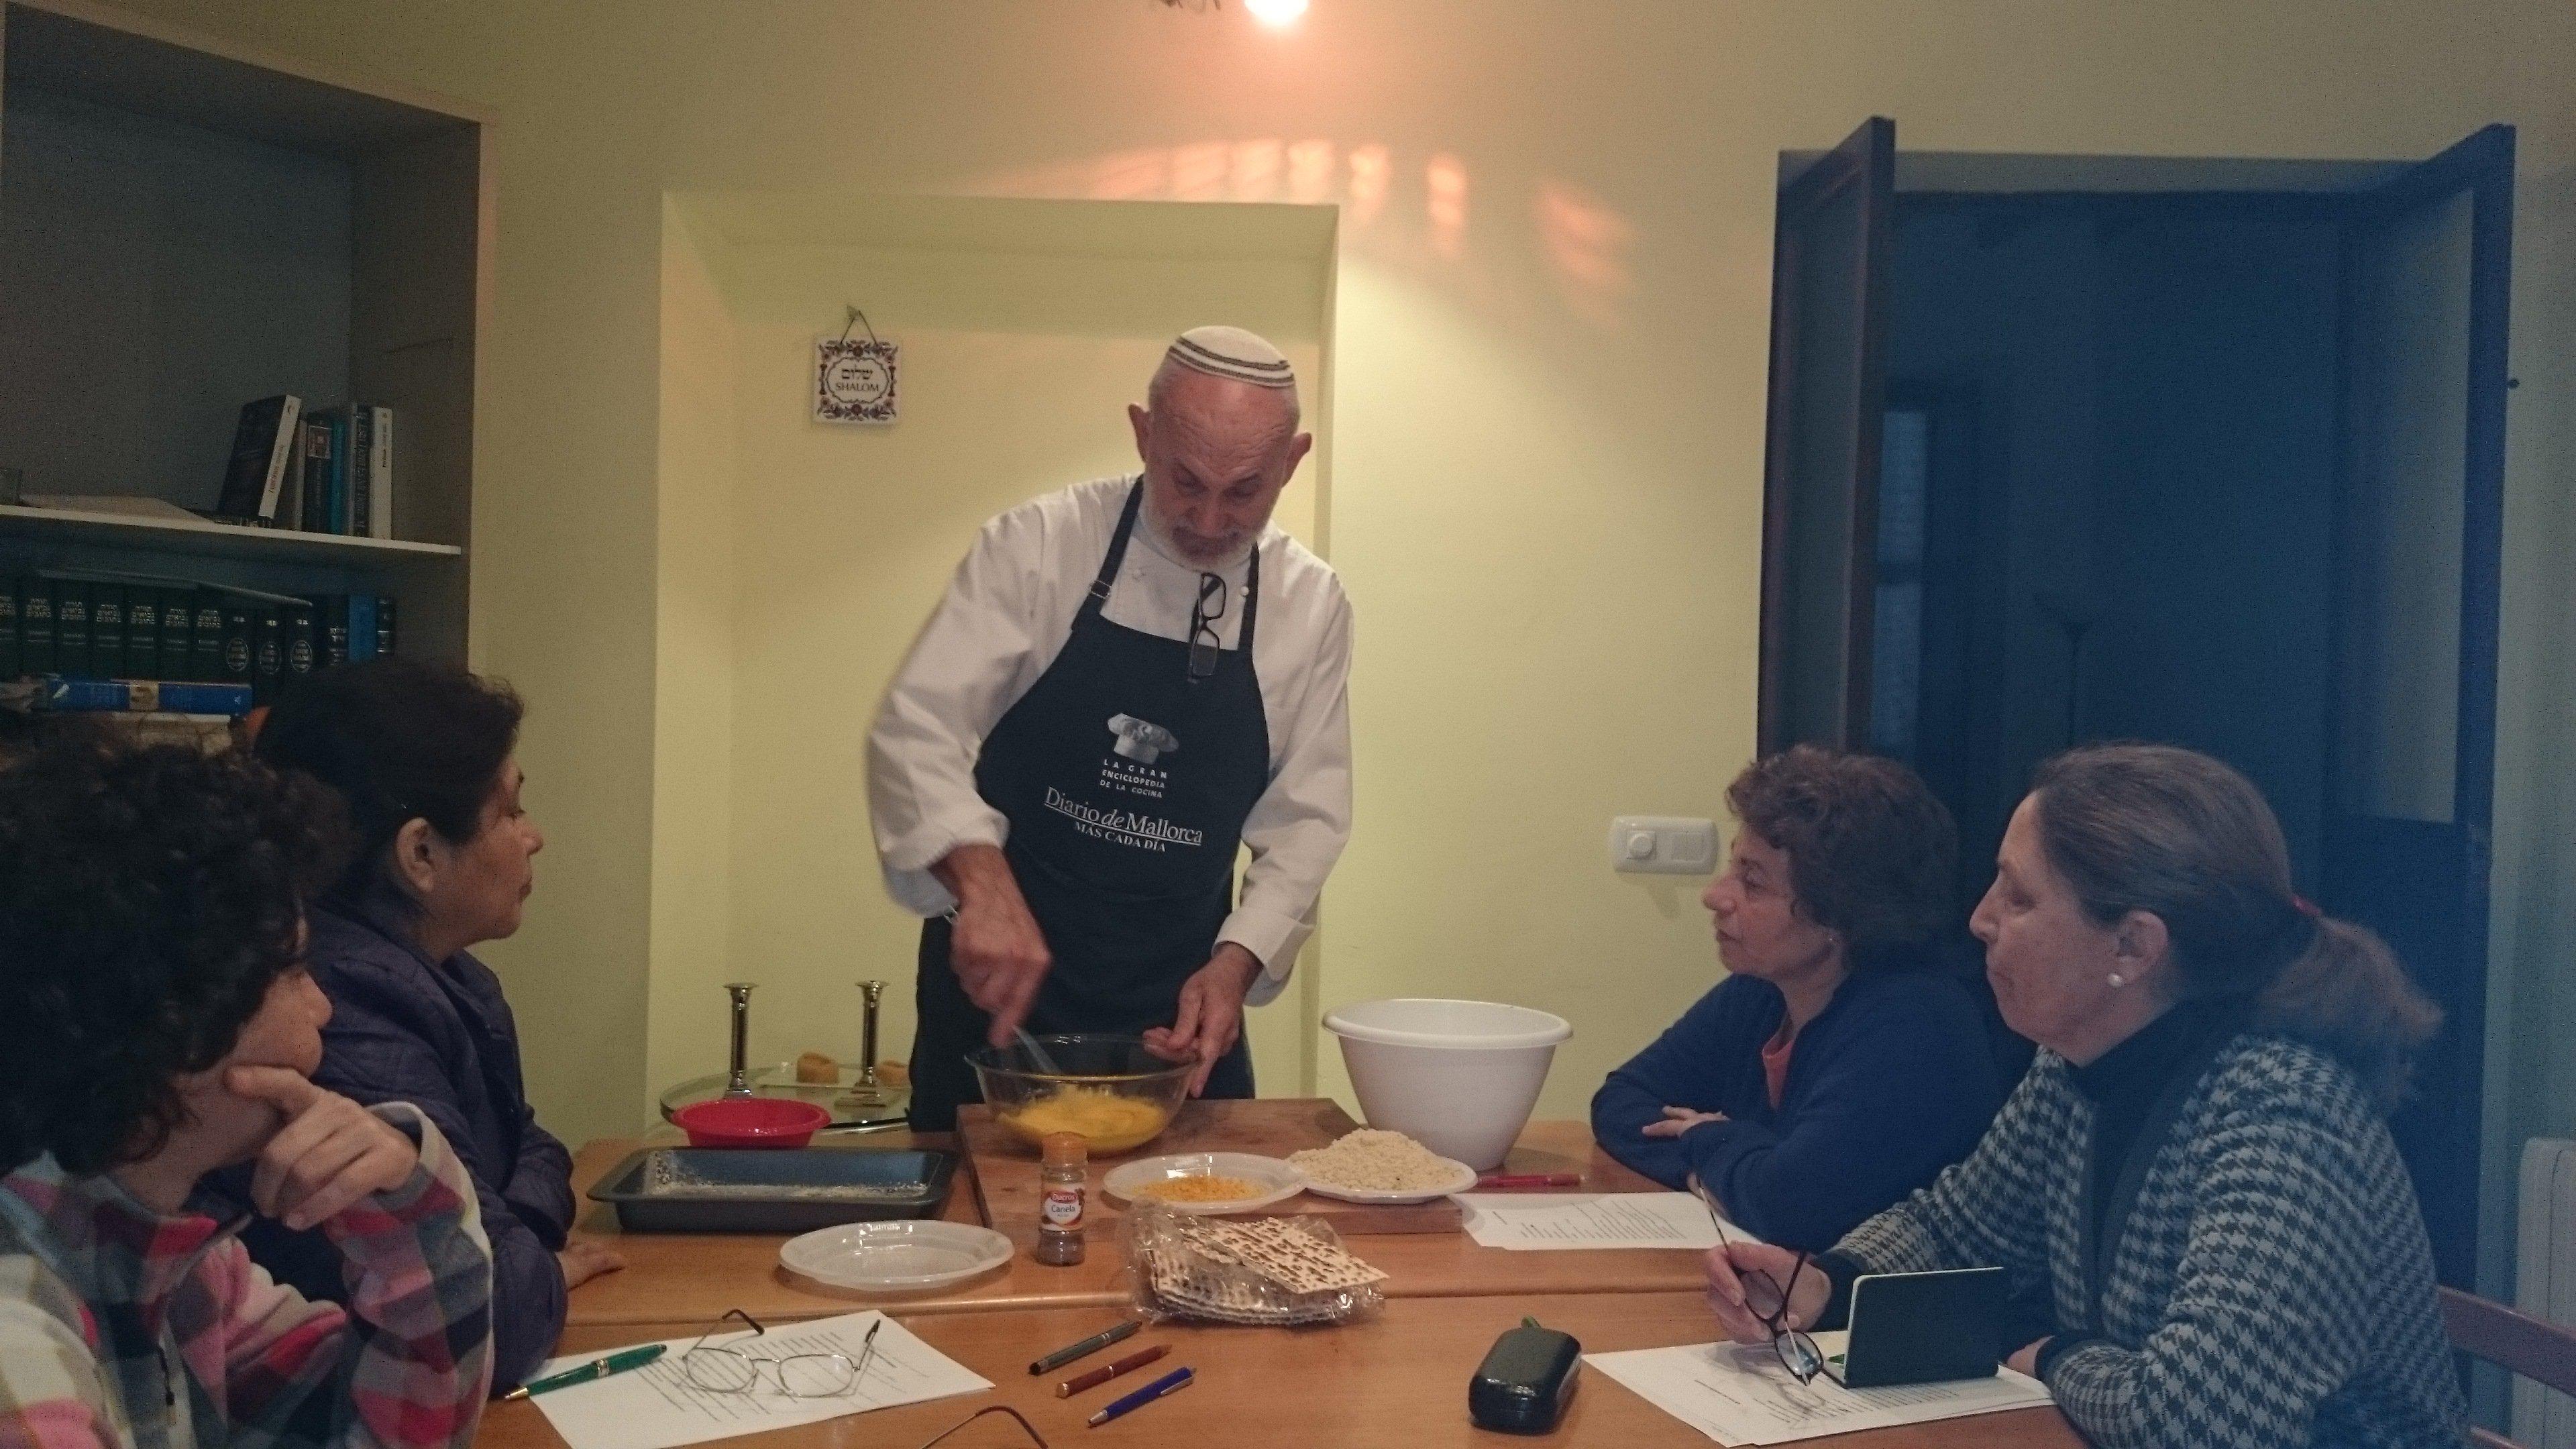 Chef Pinchas, famous Chuetas chef